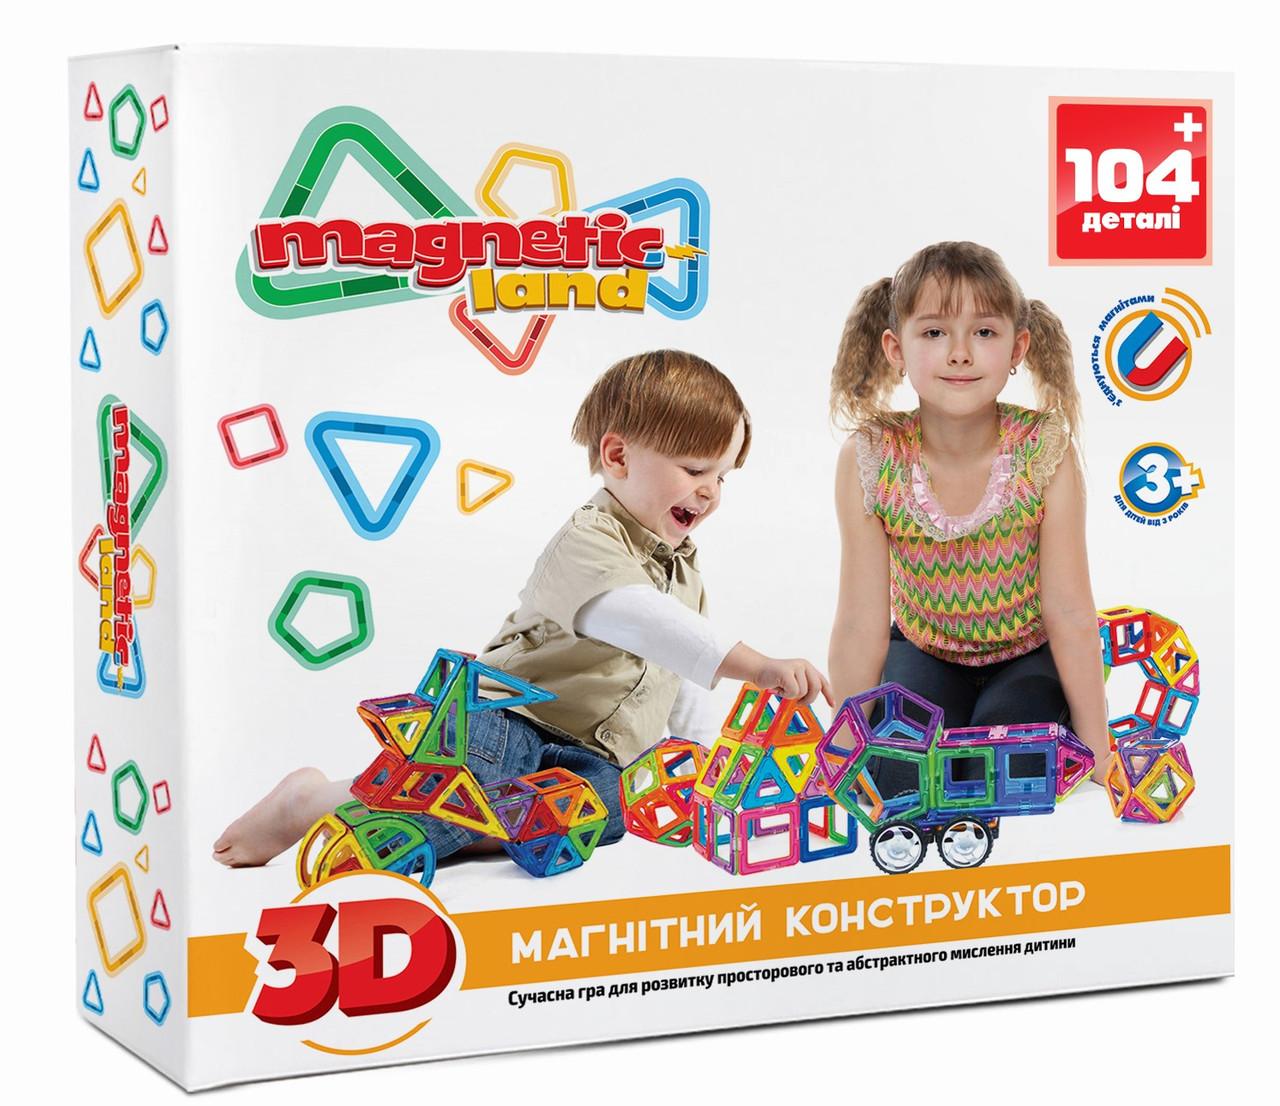 Магнитный конструктор Magnetic land Красный+ 104 детали(28474137 )